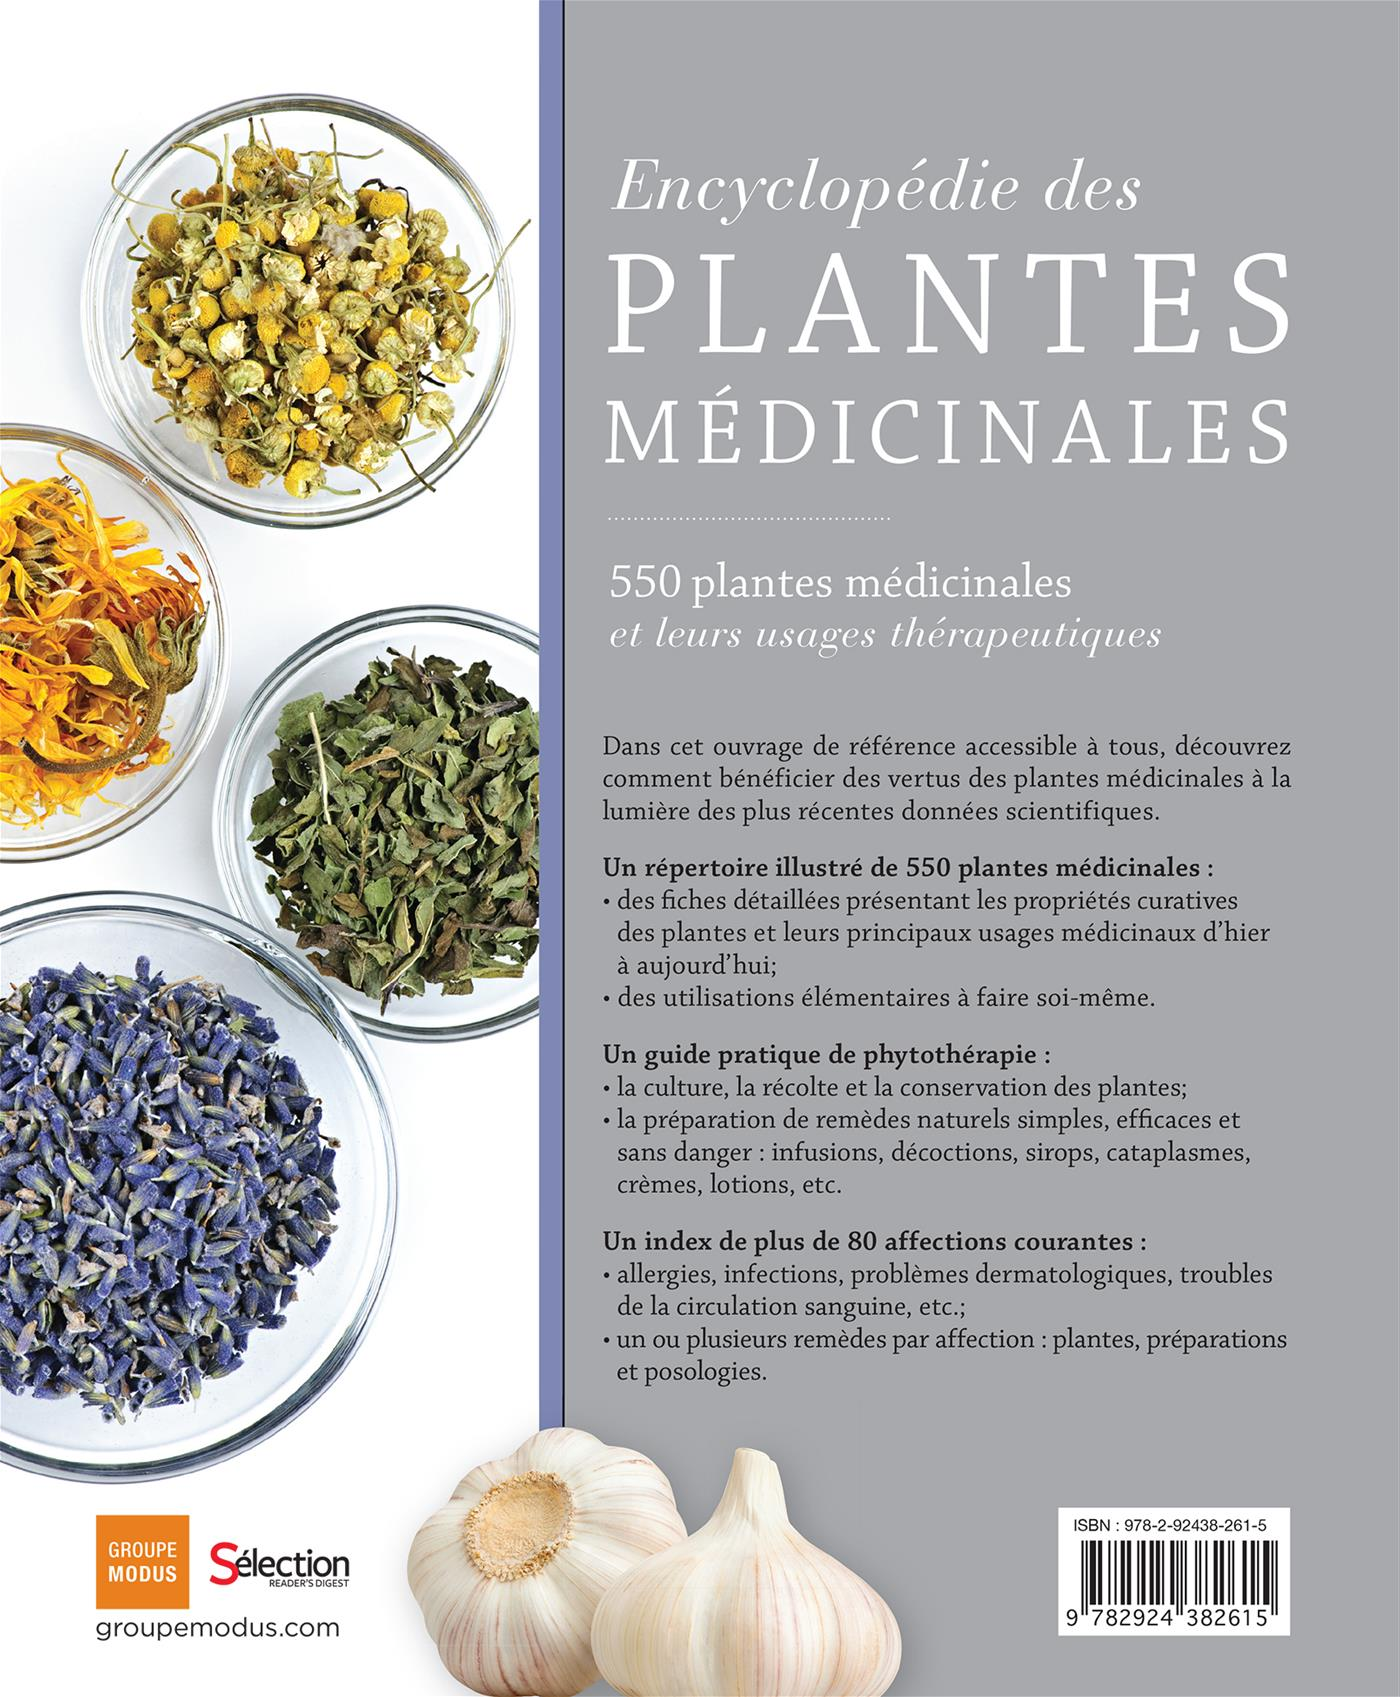 Livre Encyclopédie des plantes médicinales - 550 plantes médicinales et leurs usages ...